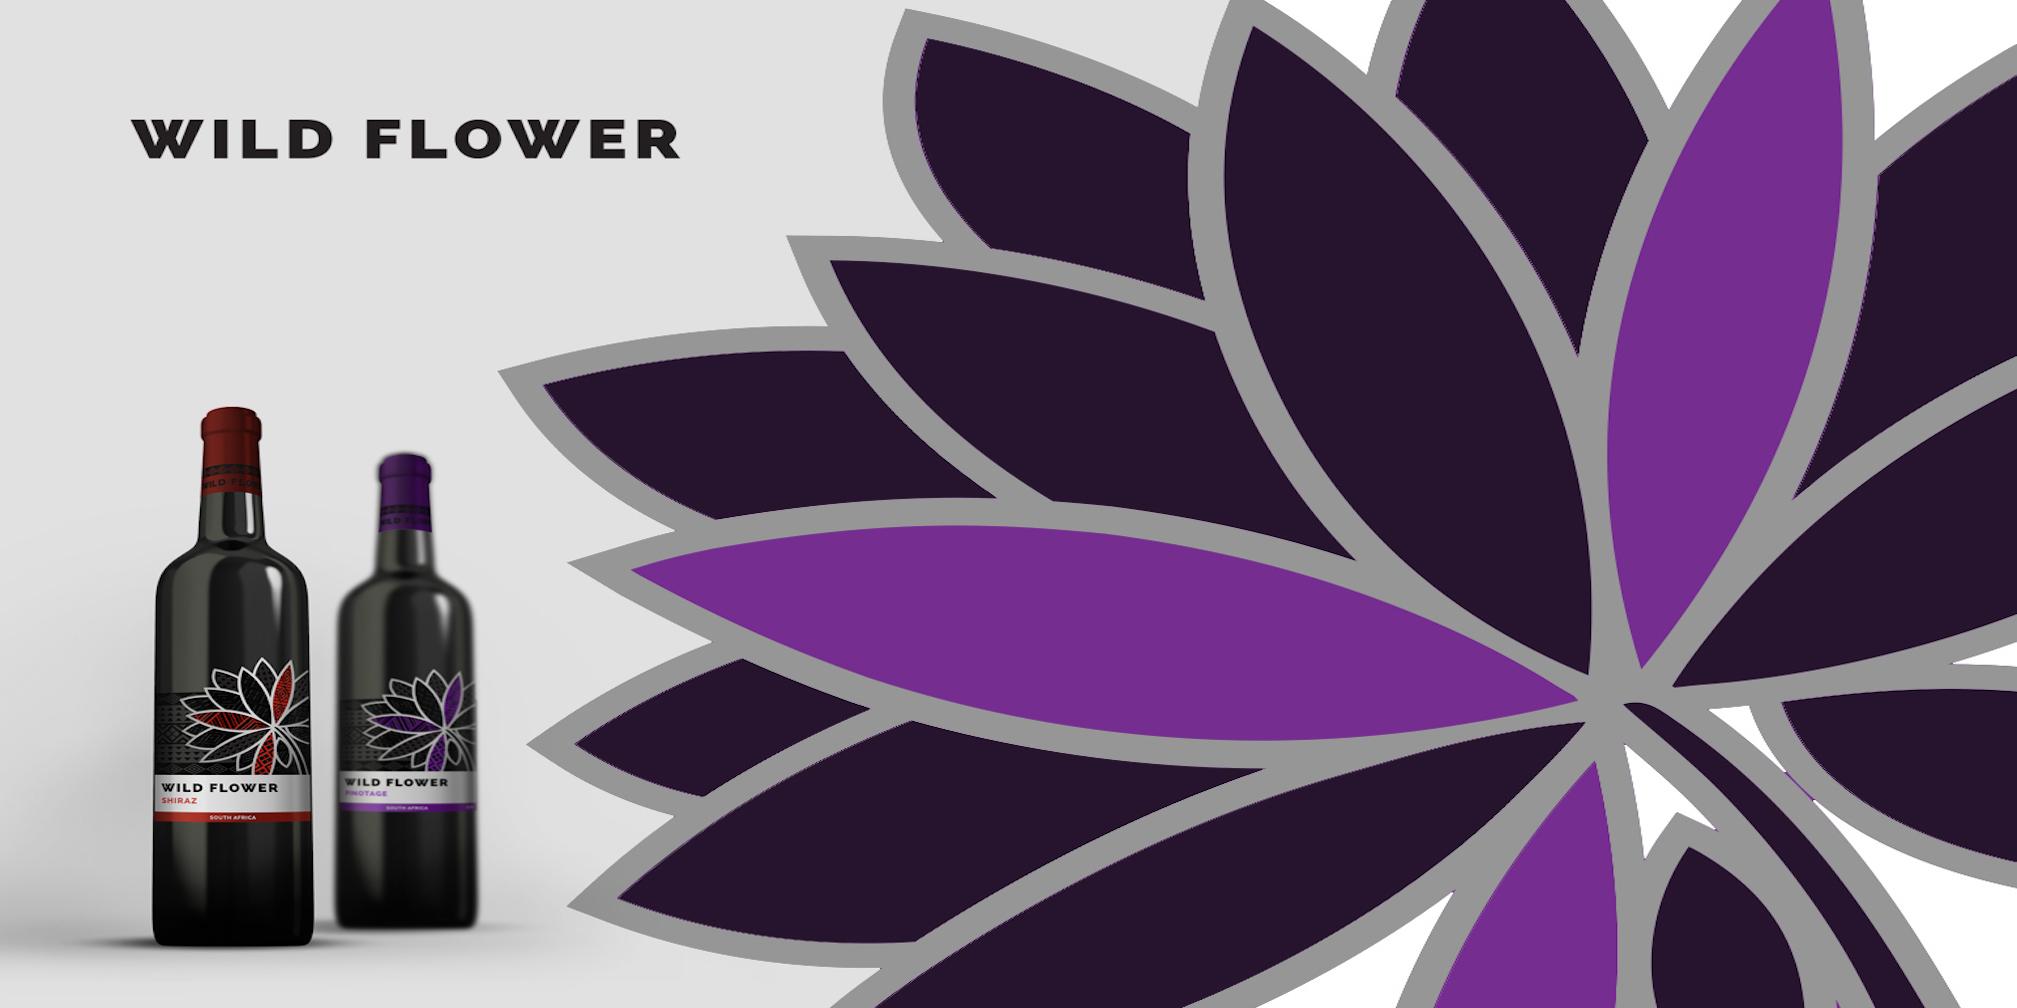 wild_flower_wine4 edit.jpeg